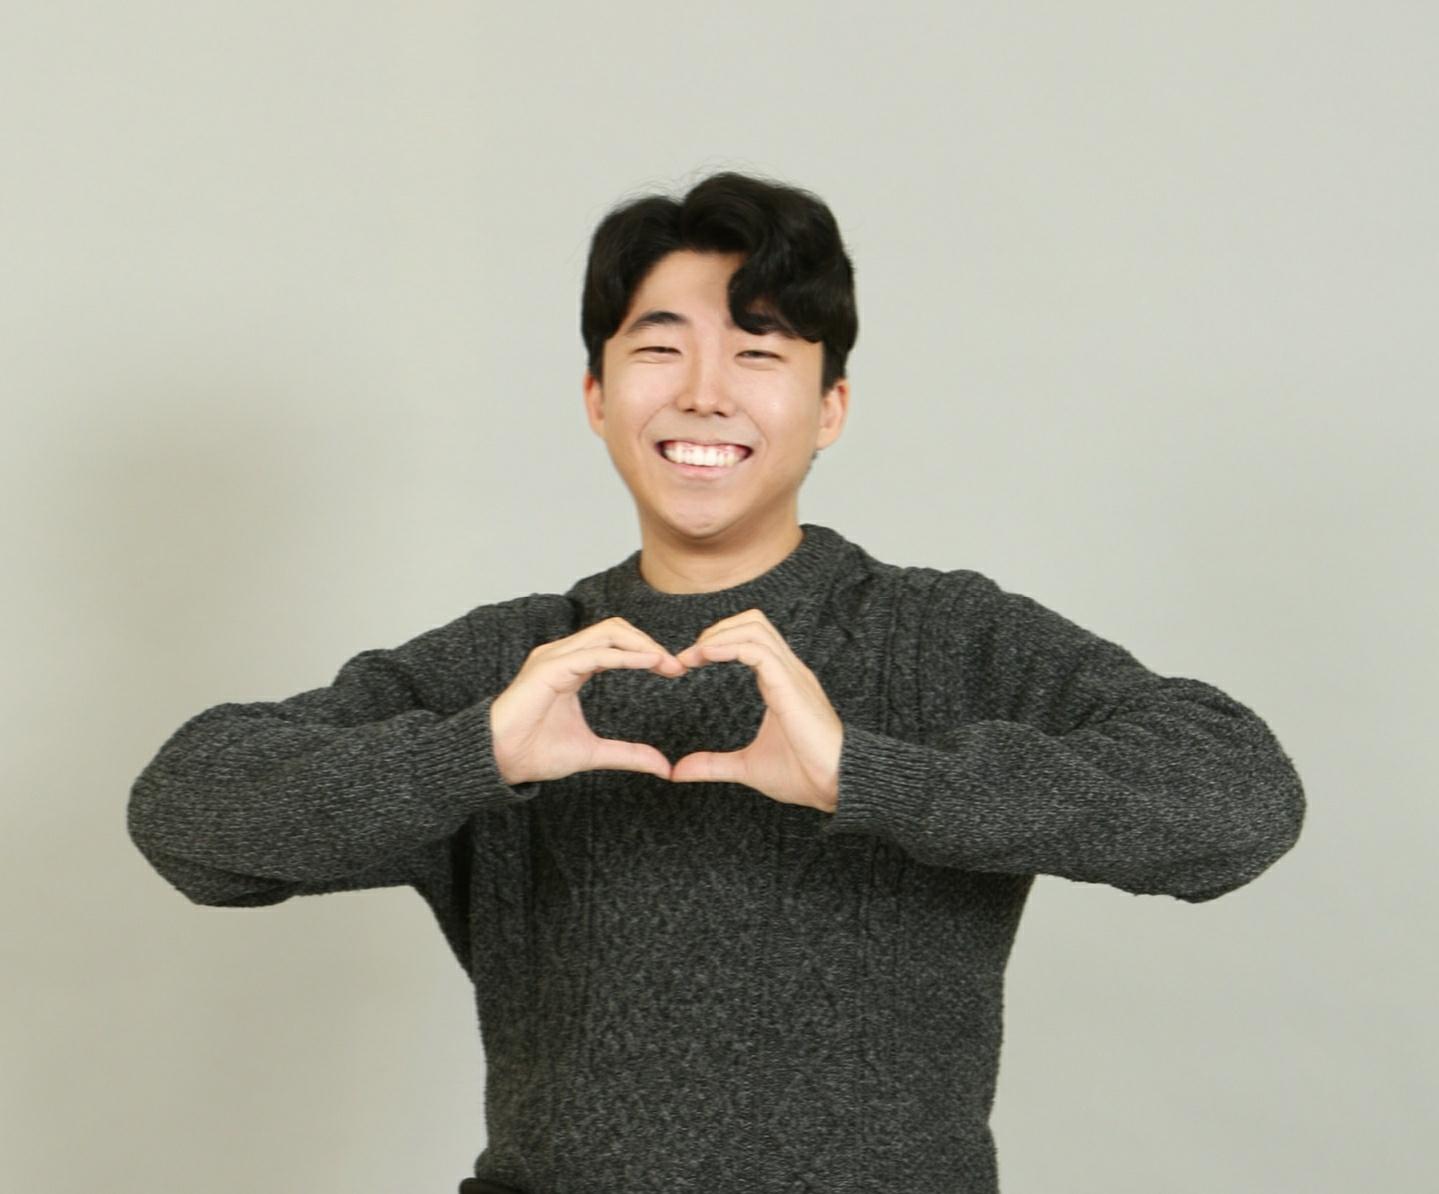 김태원 커뮤니티 매니저